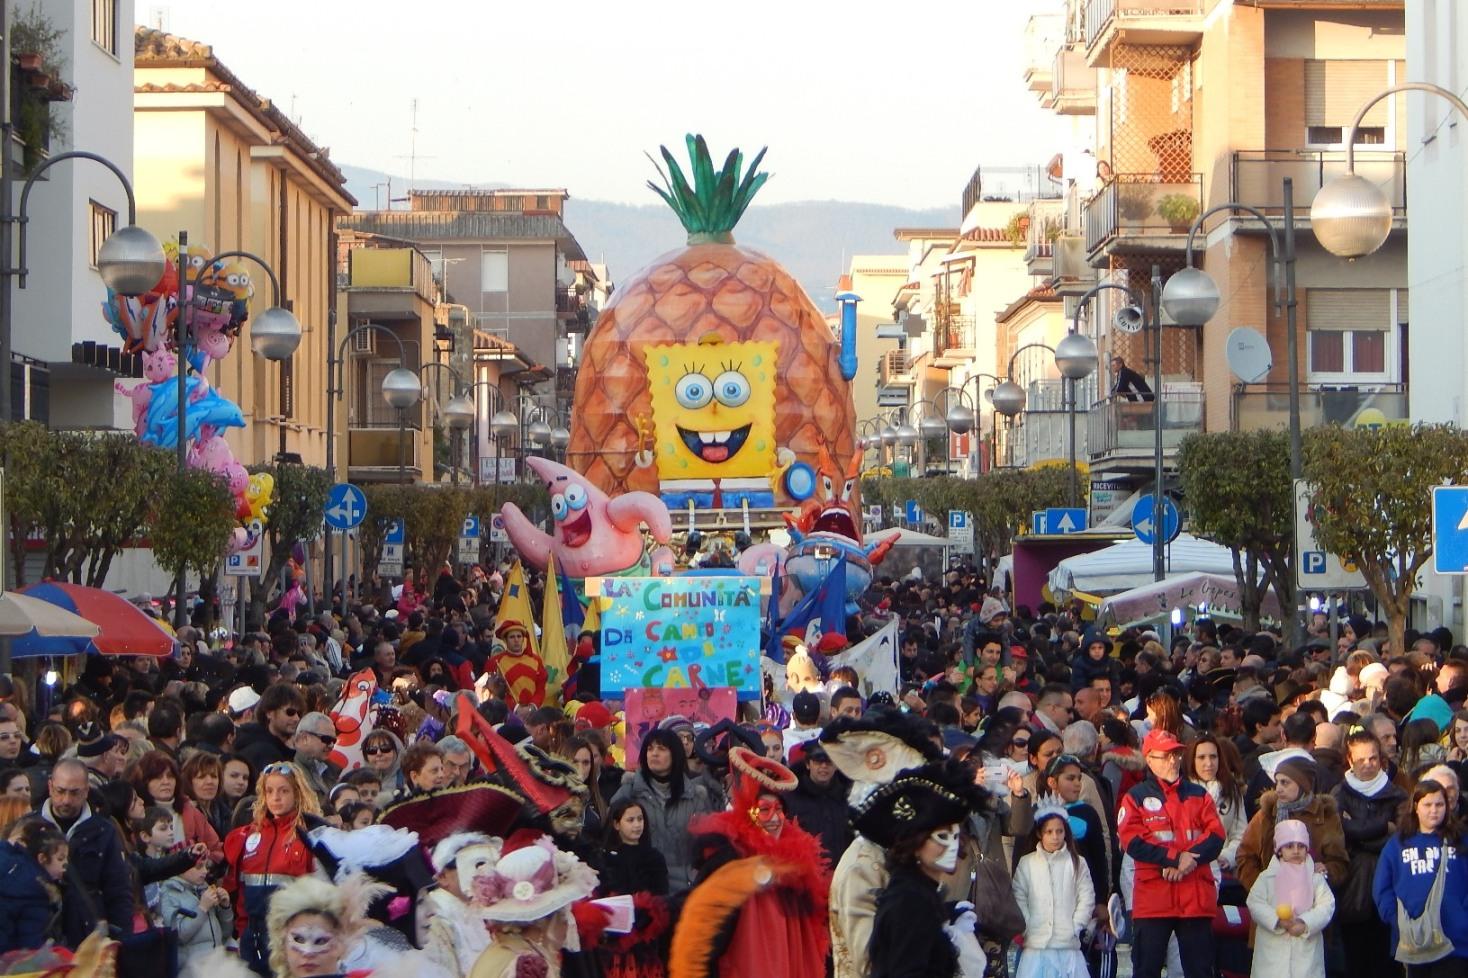 il carnevale una festa per cui i bambini devono essere preparati